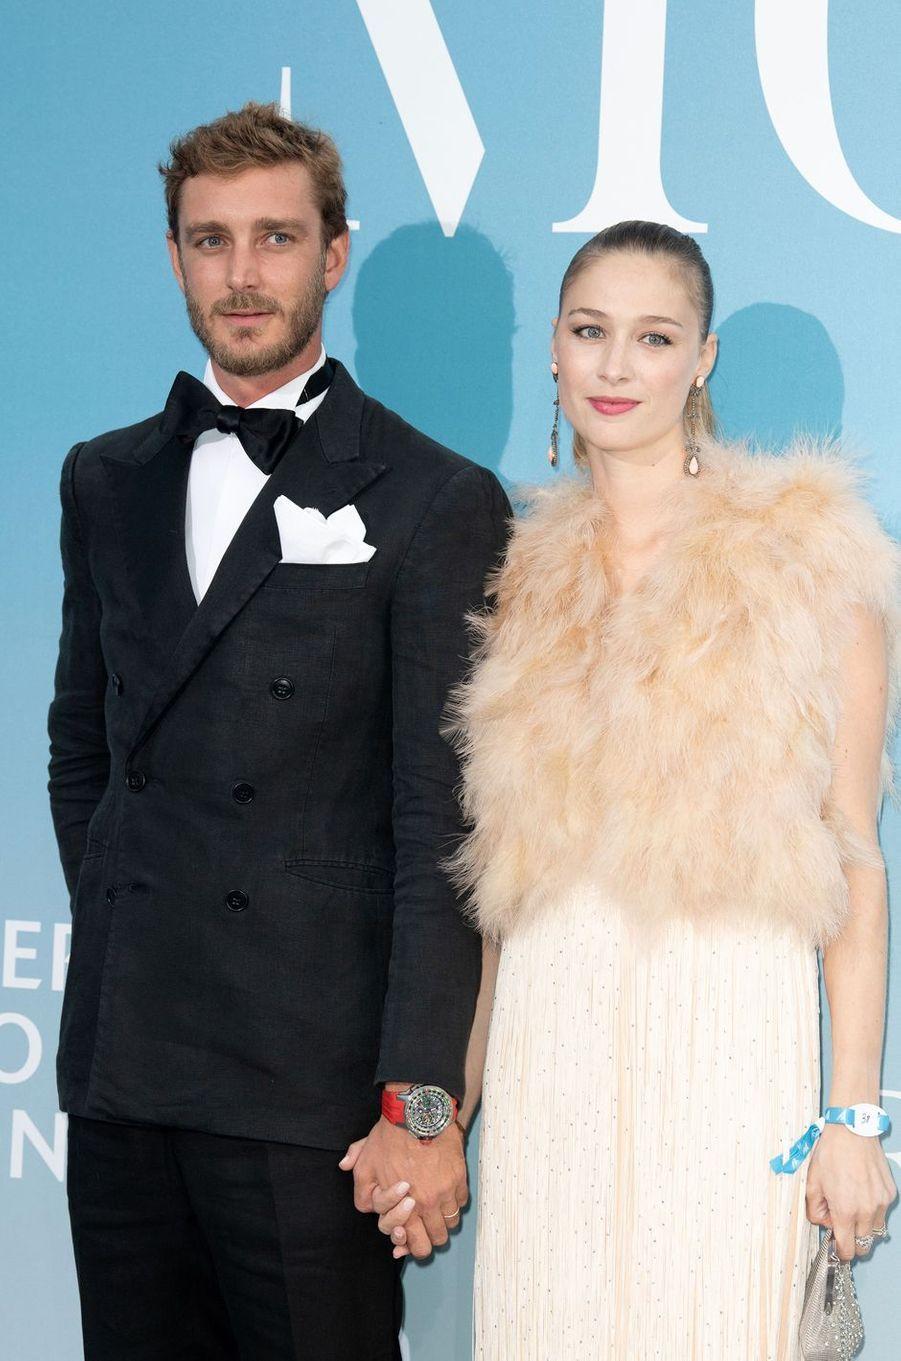 Pierre Casiraghi et sa femme Beatrice Borromeo à Monaco, le 26 septembre 2018